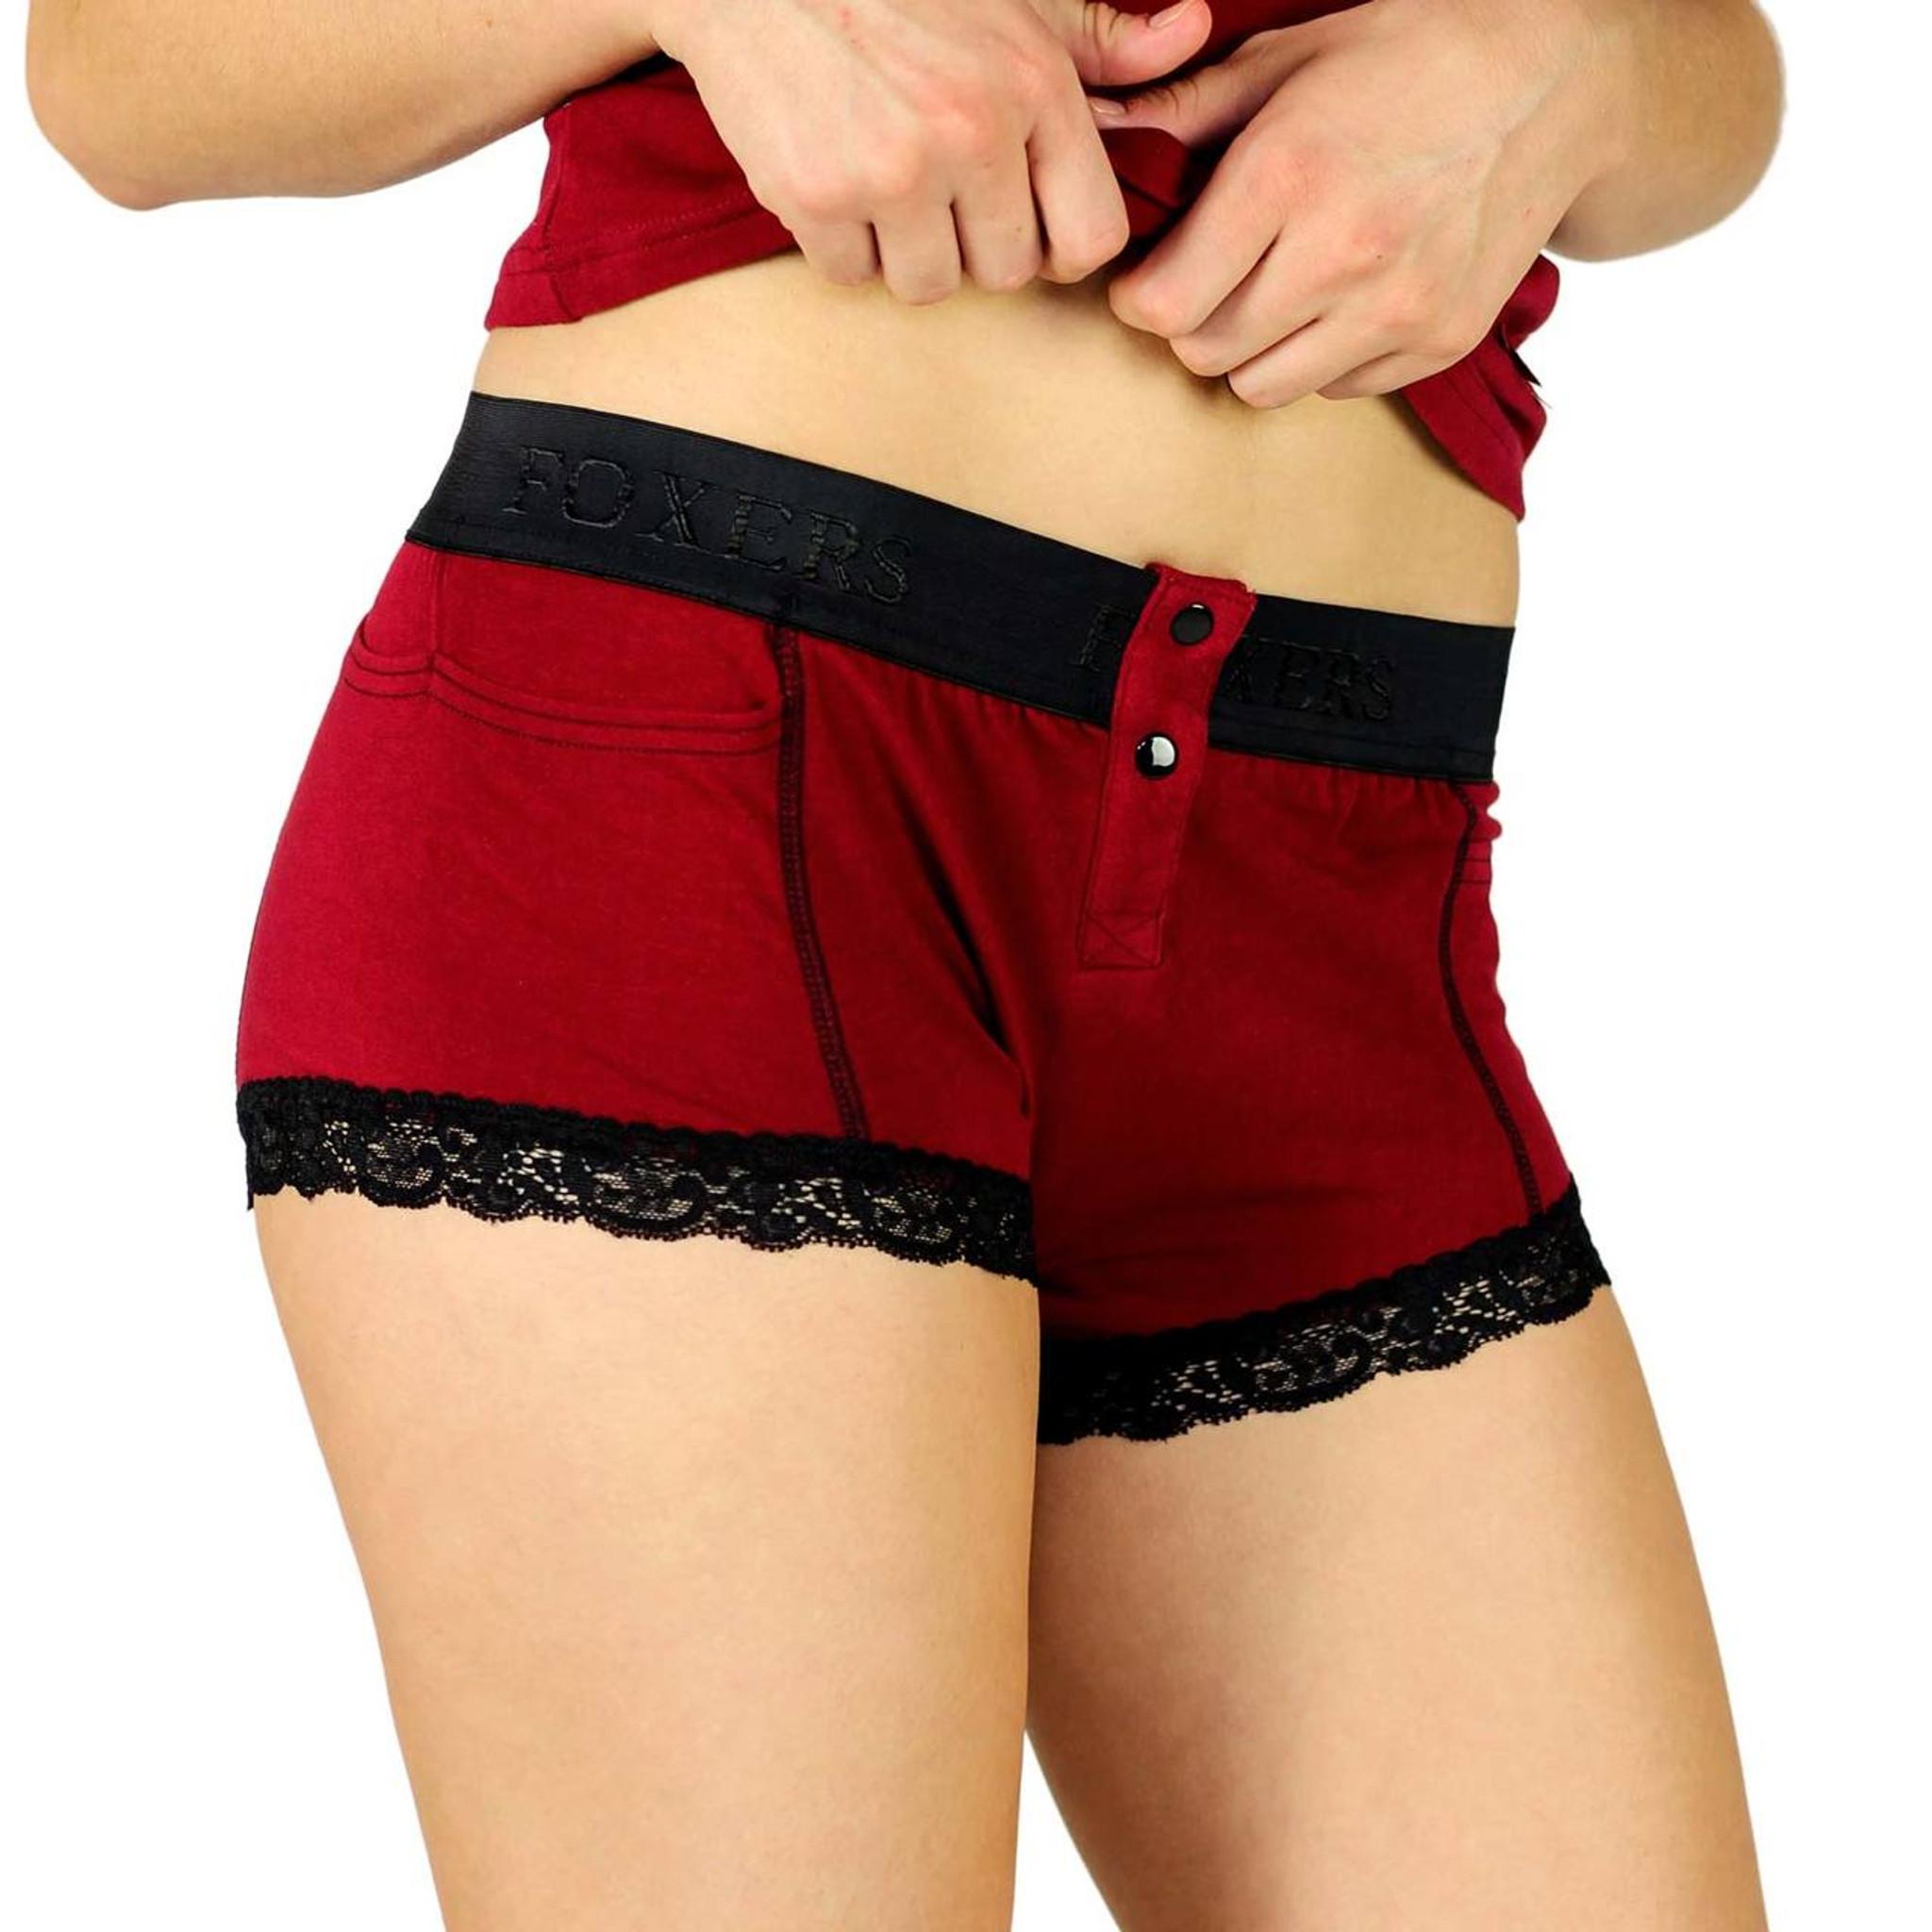 Bra lingerie open womens